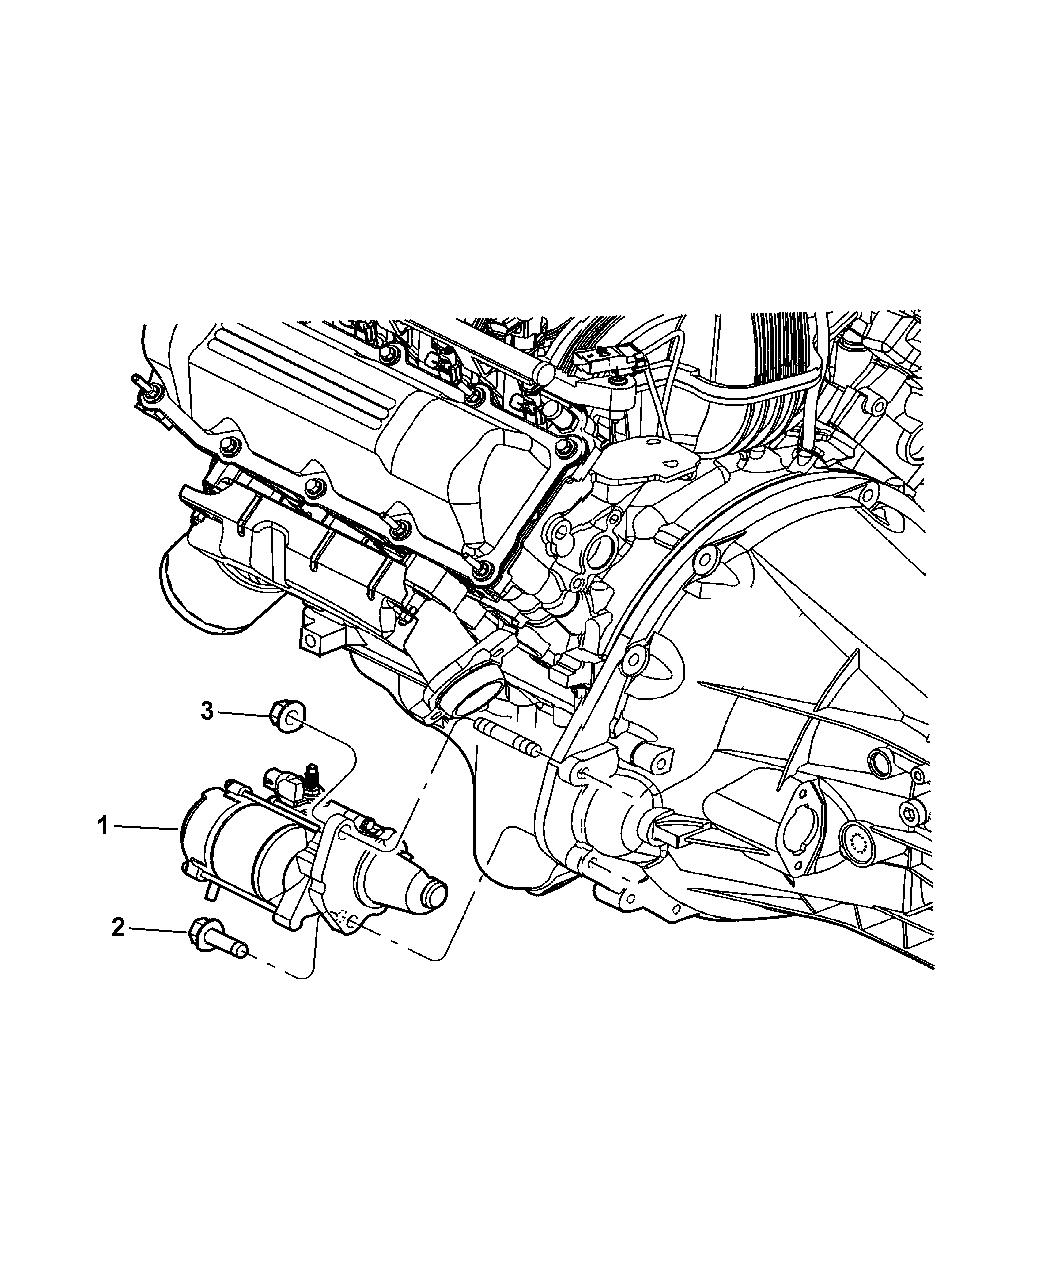 Dodge Dakotum Engine Diagram